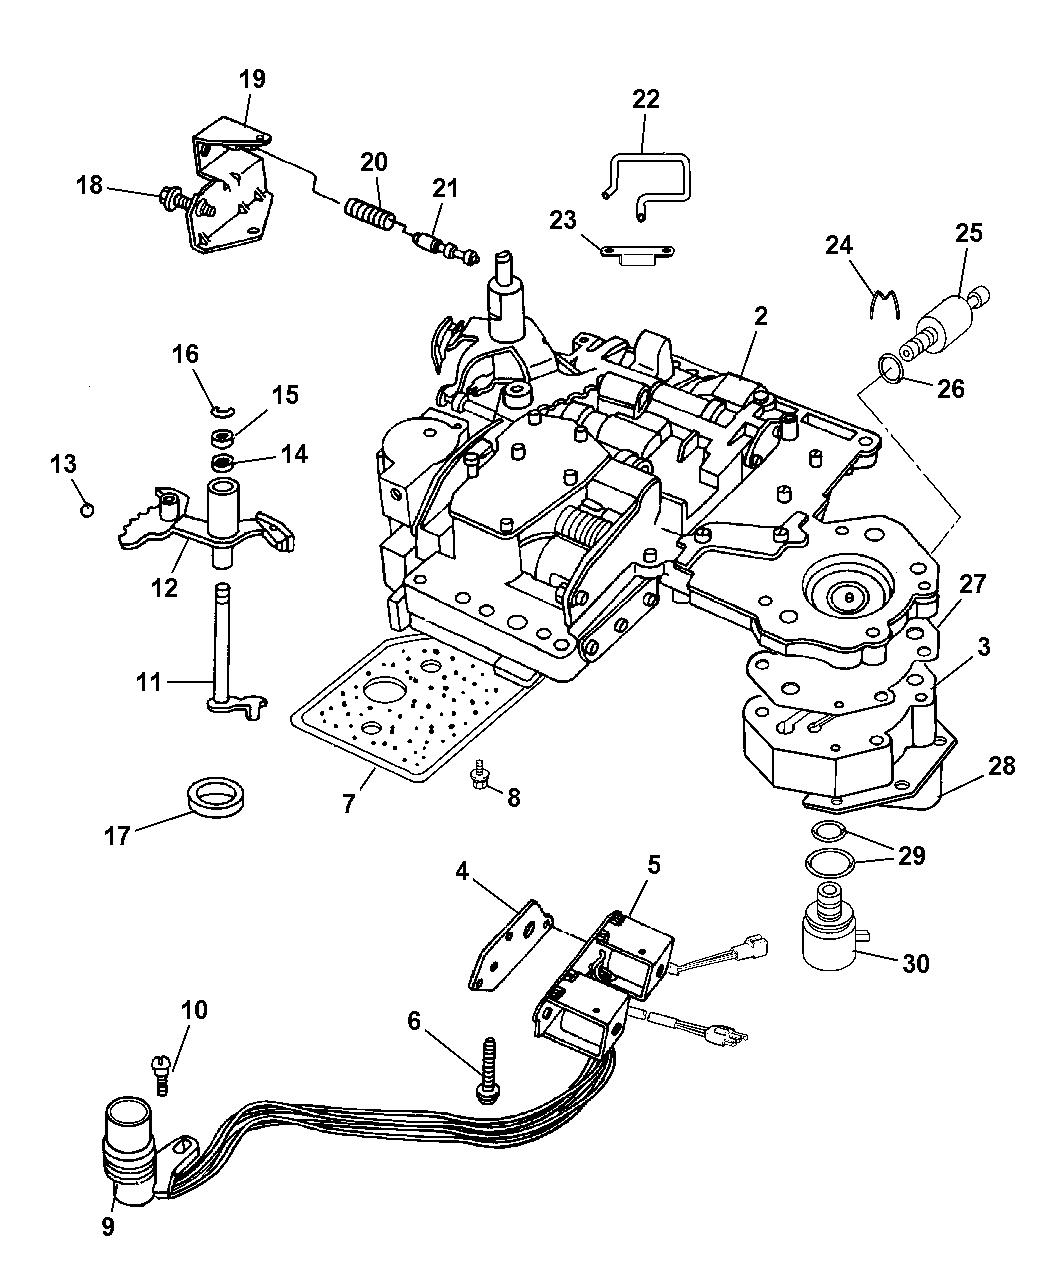 52118645 genuine dodge body 46re transmission diagram repair manual 1997 dodge ram van valve body